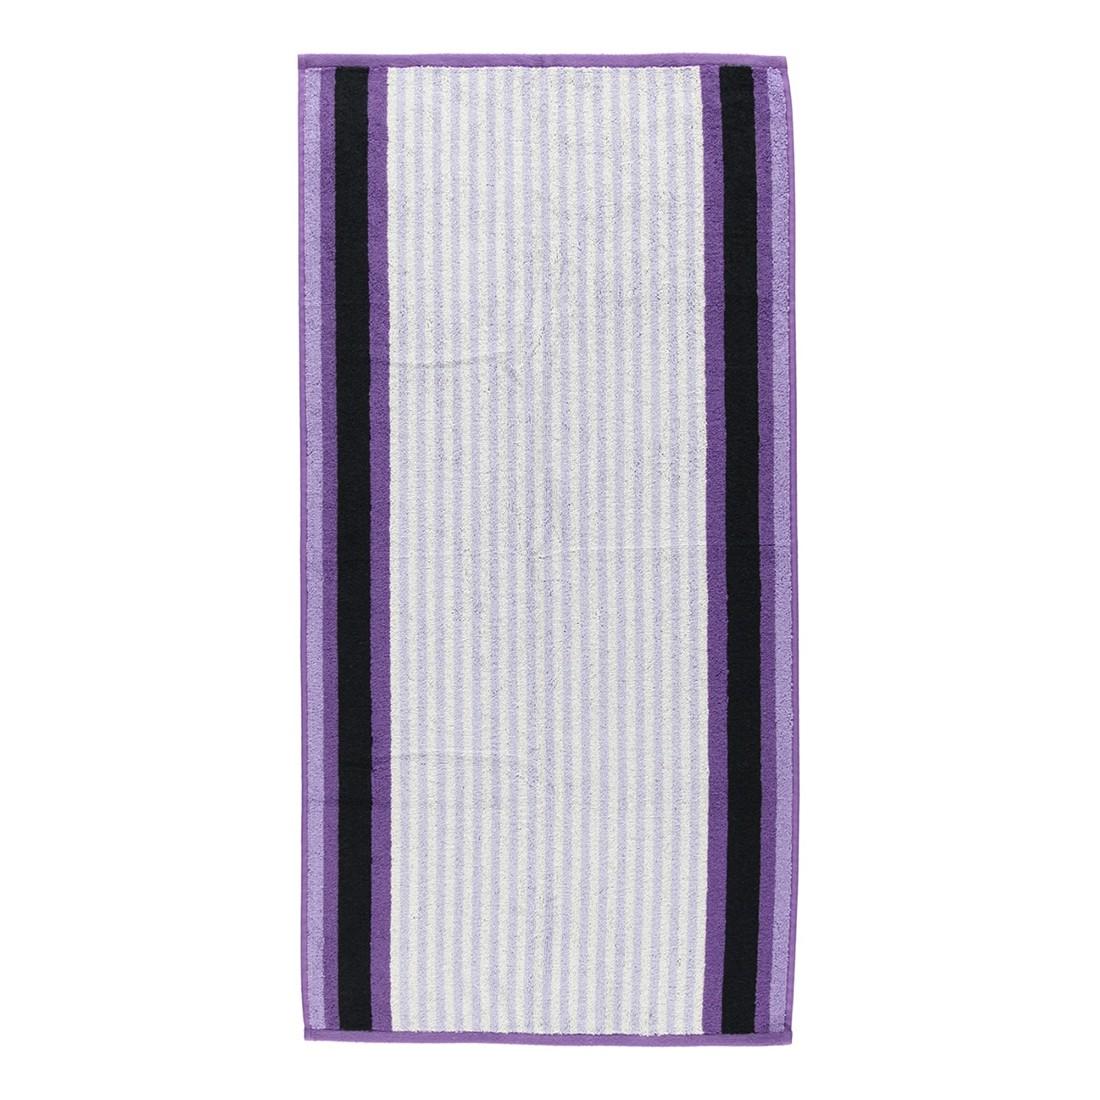 Handtuch Milano – 100% Baumwolle rosemary – 003 – Handtuch: 50 x 100 cm, Vossen jetzt bestellen